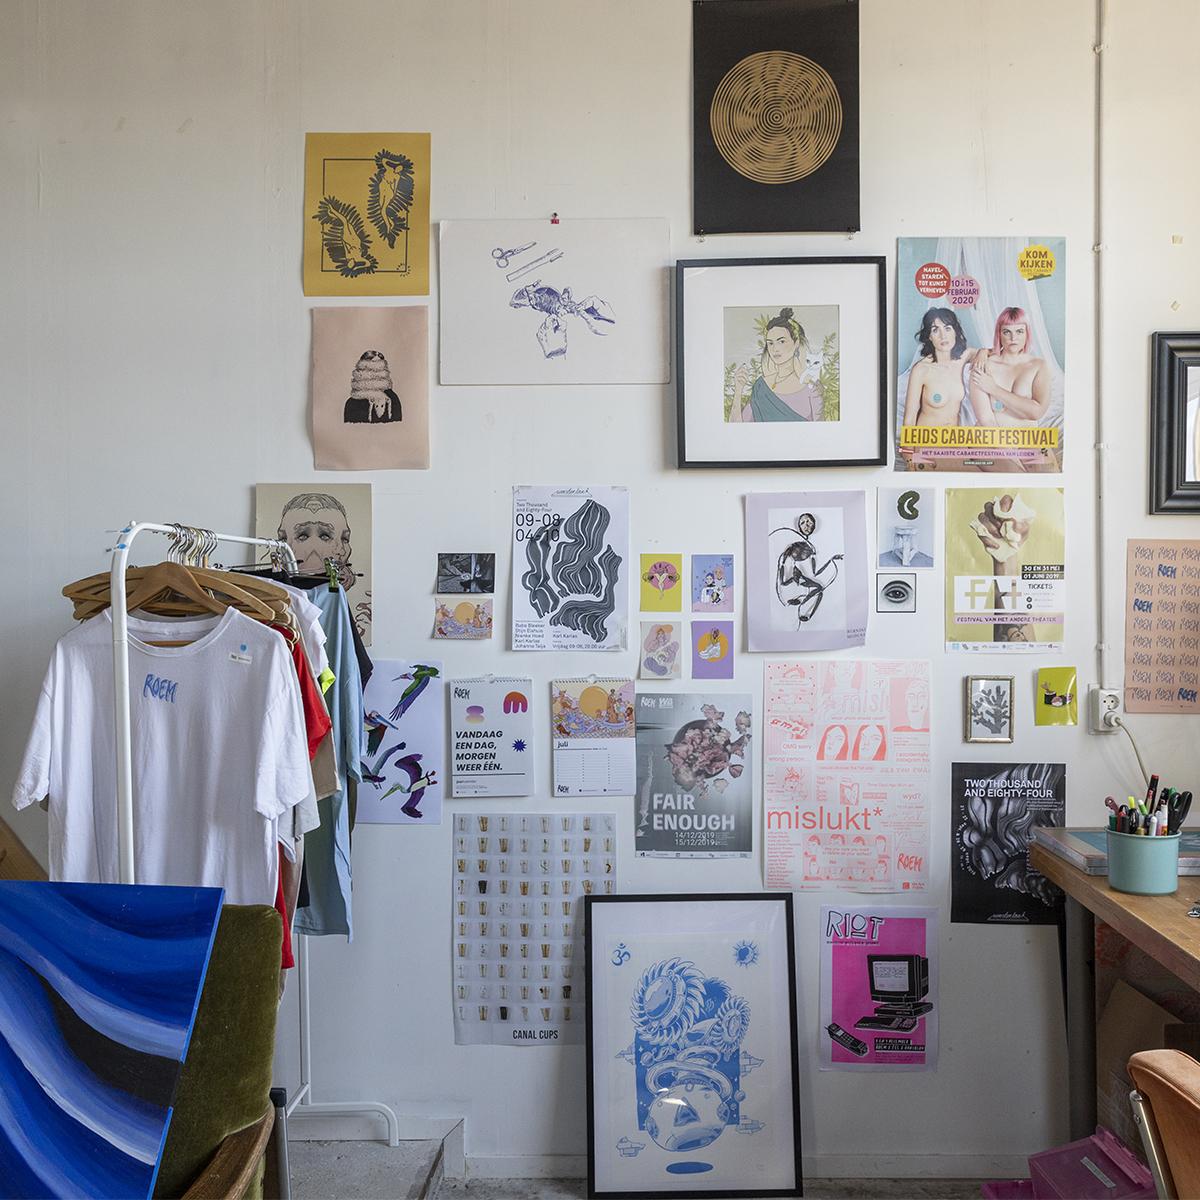 Kunstenaarscollectief ROEM